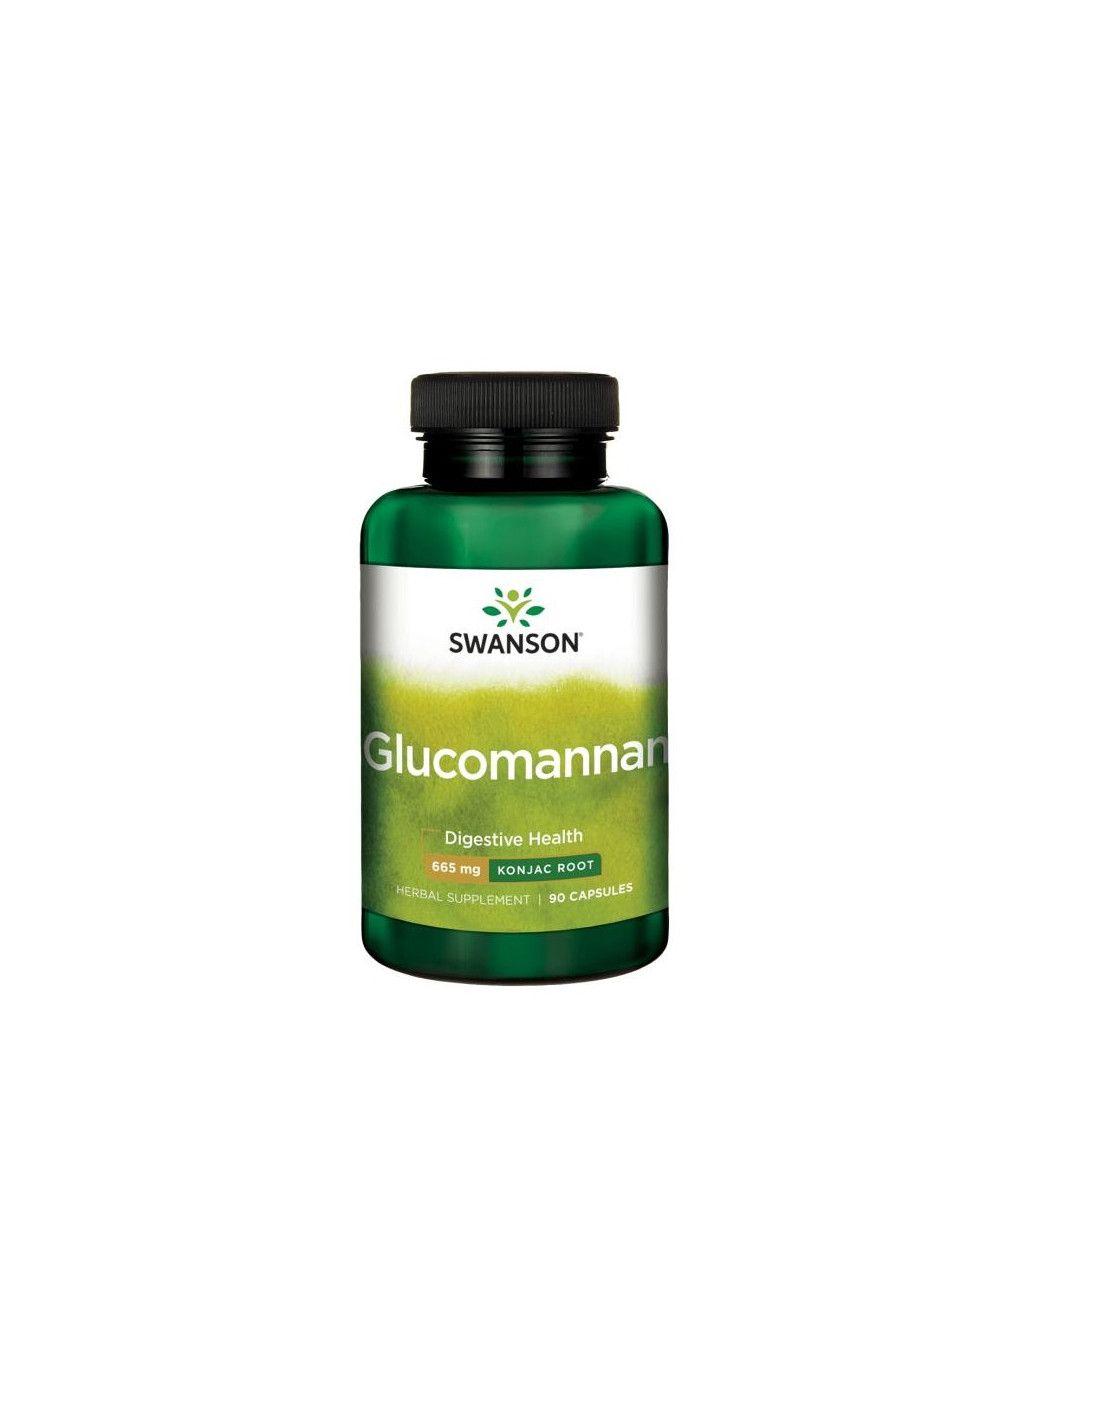 glucomannan studiu de pierdere în greutate